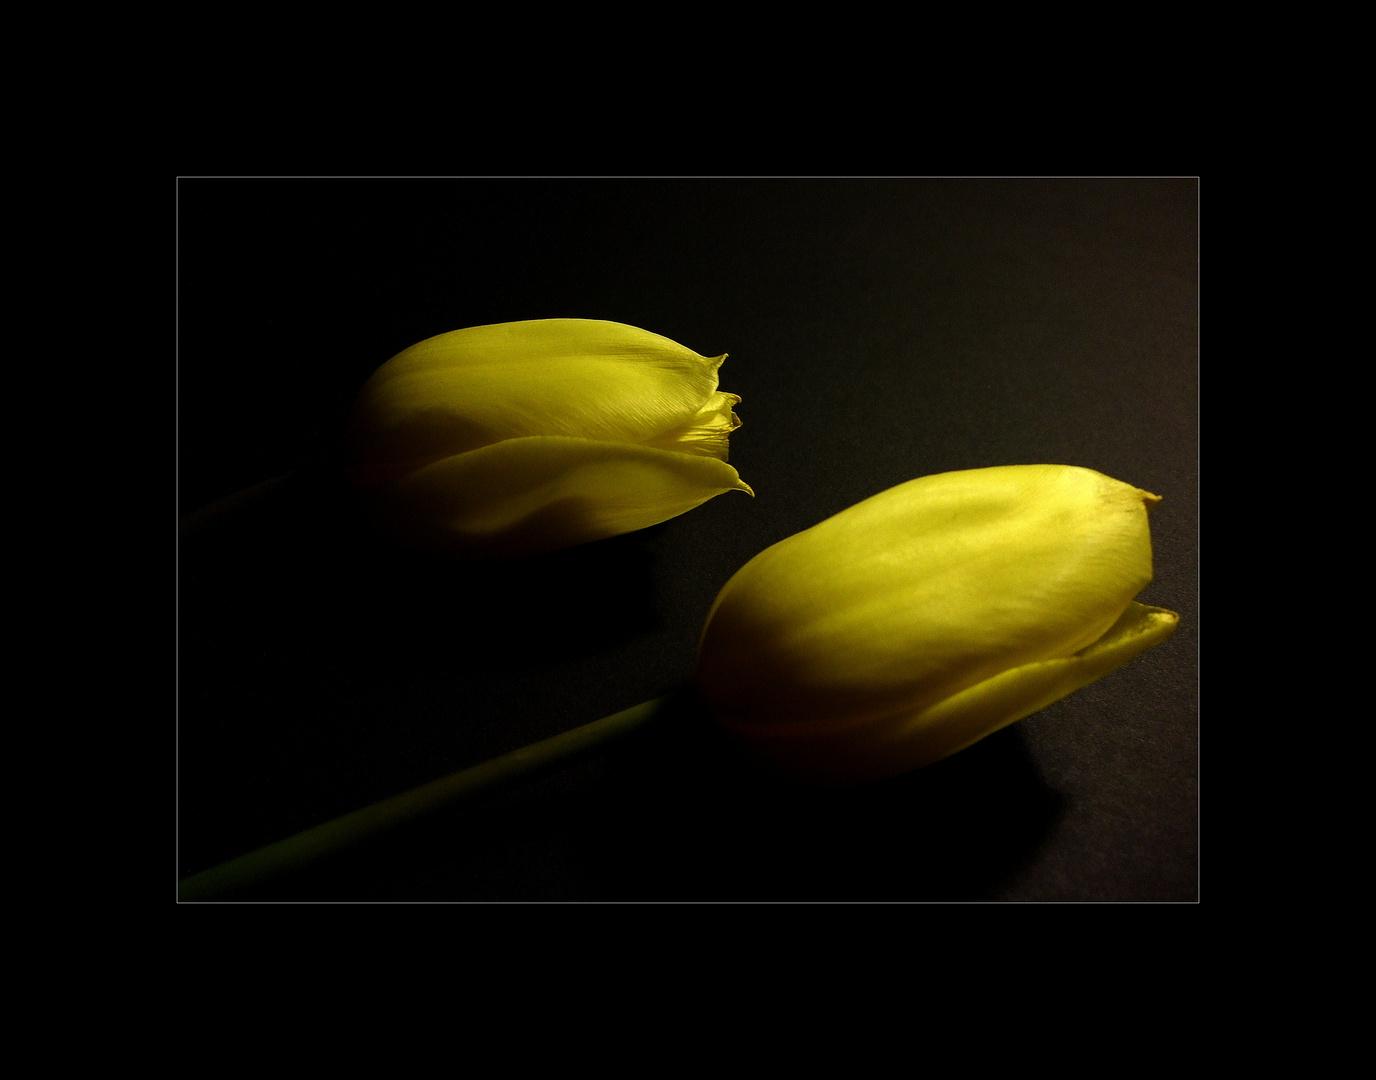 friedlicher Schlaf von 2 Tulpen